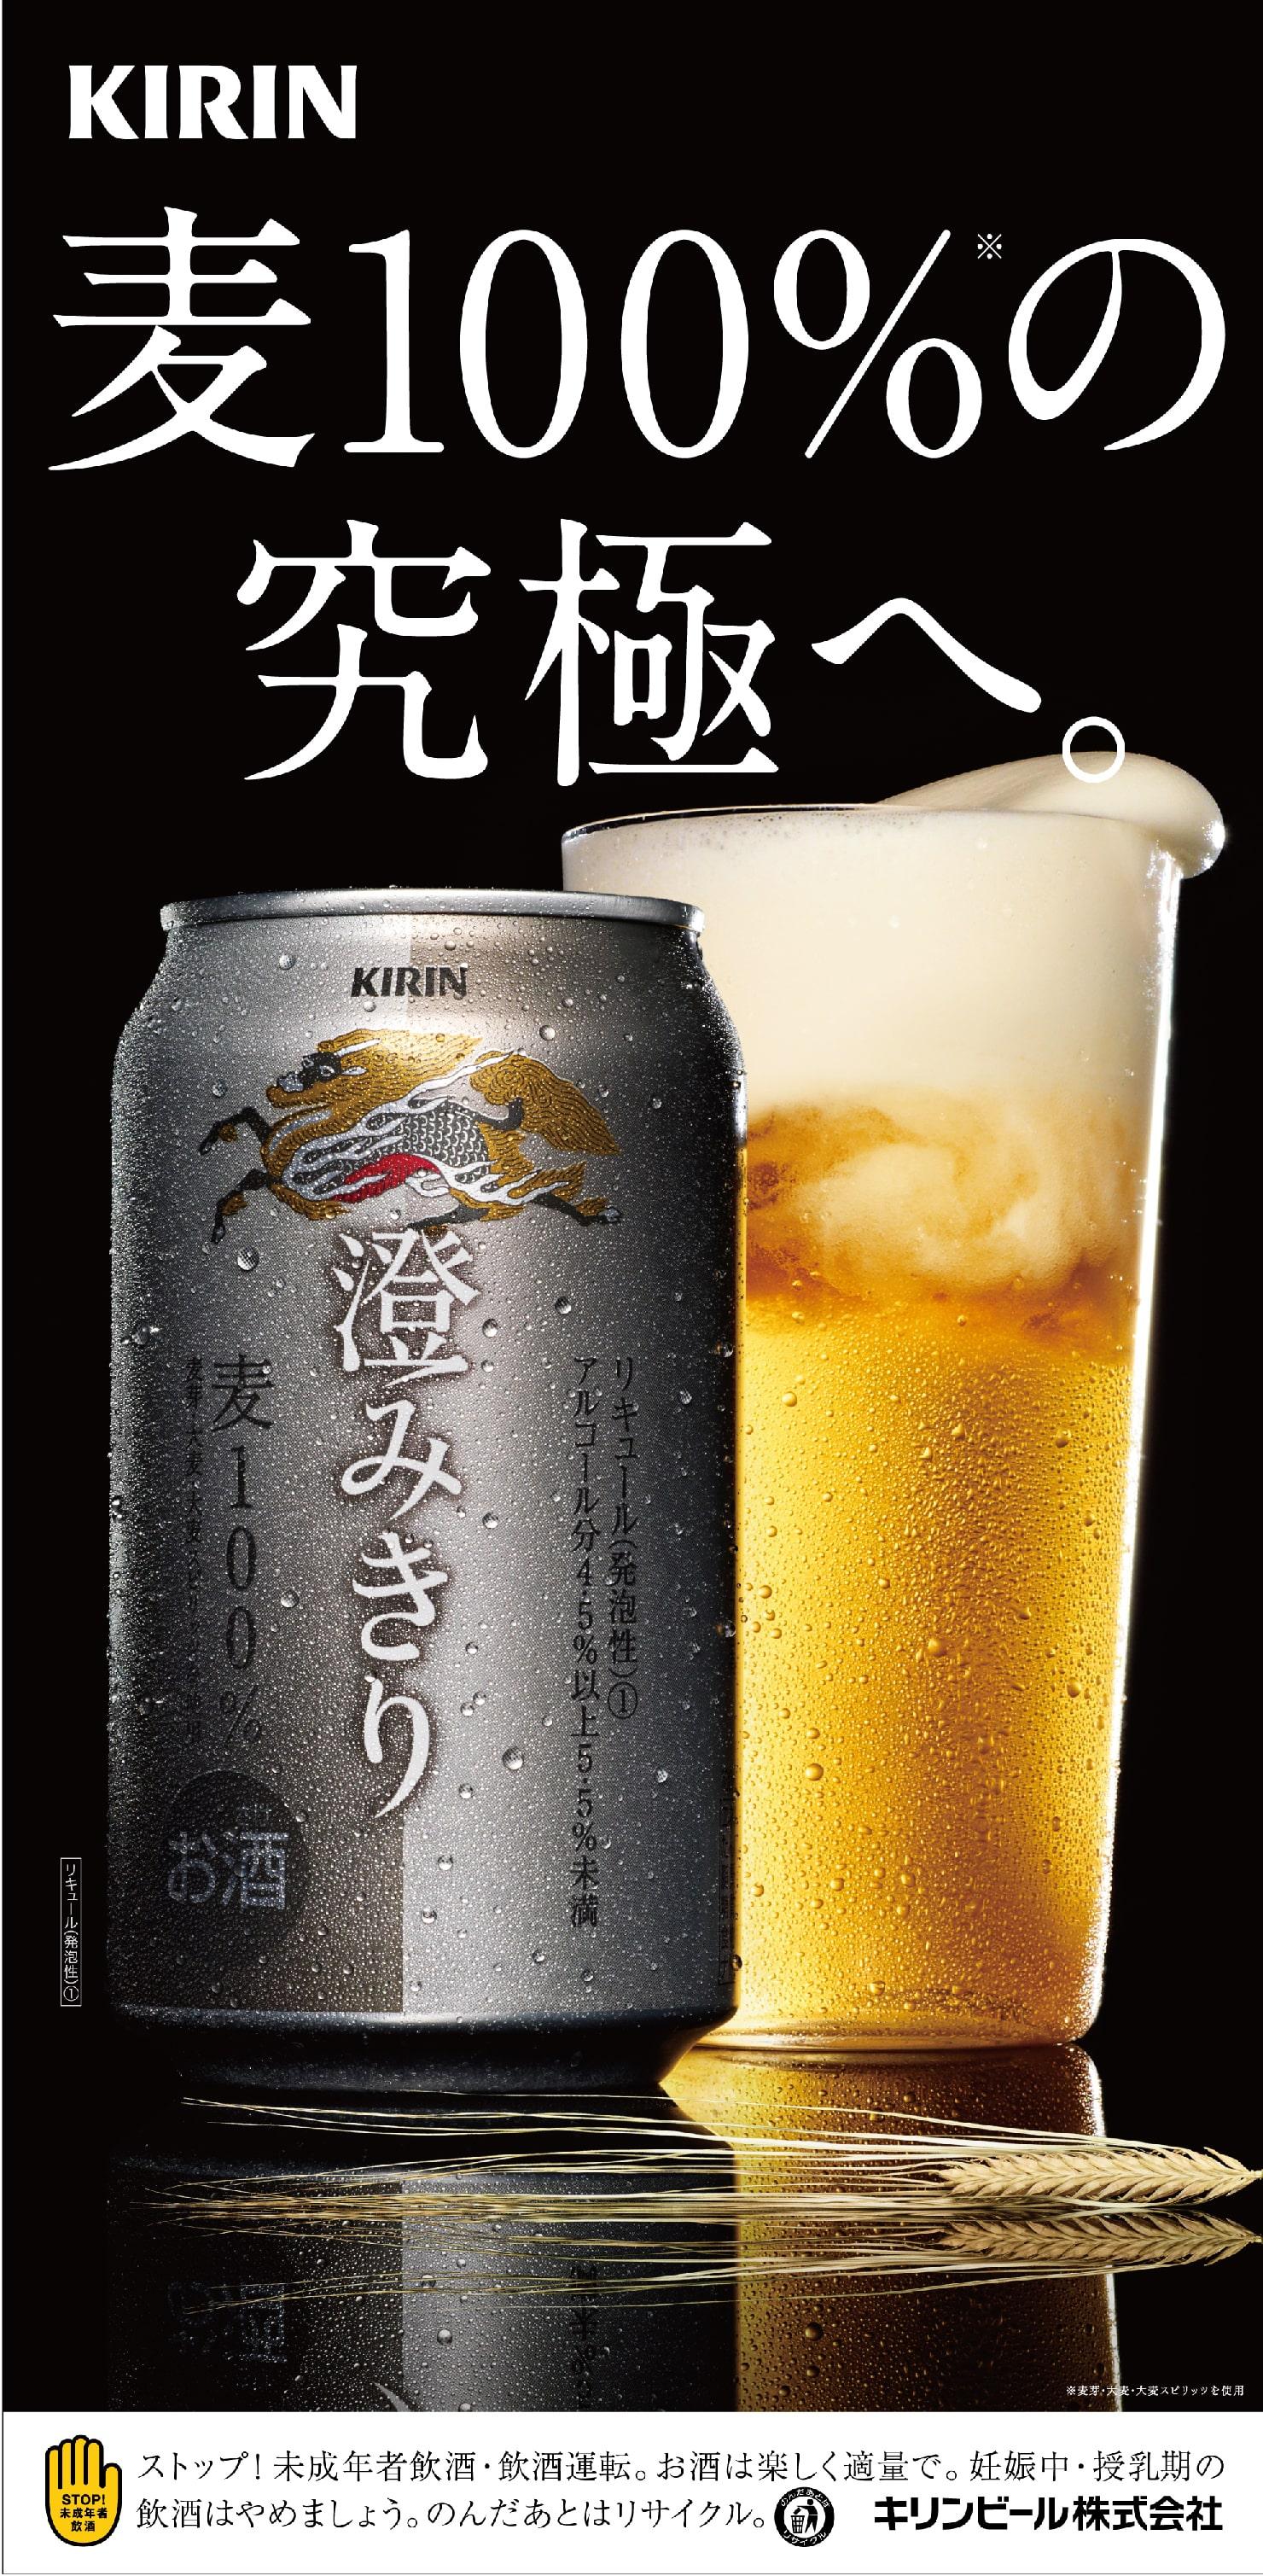 キリンビール澄みきりのポスター